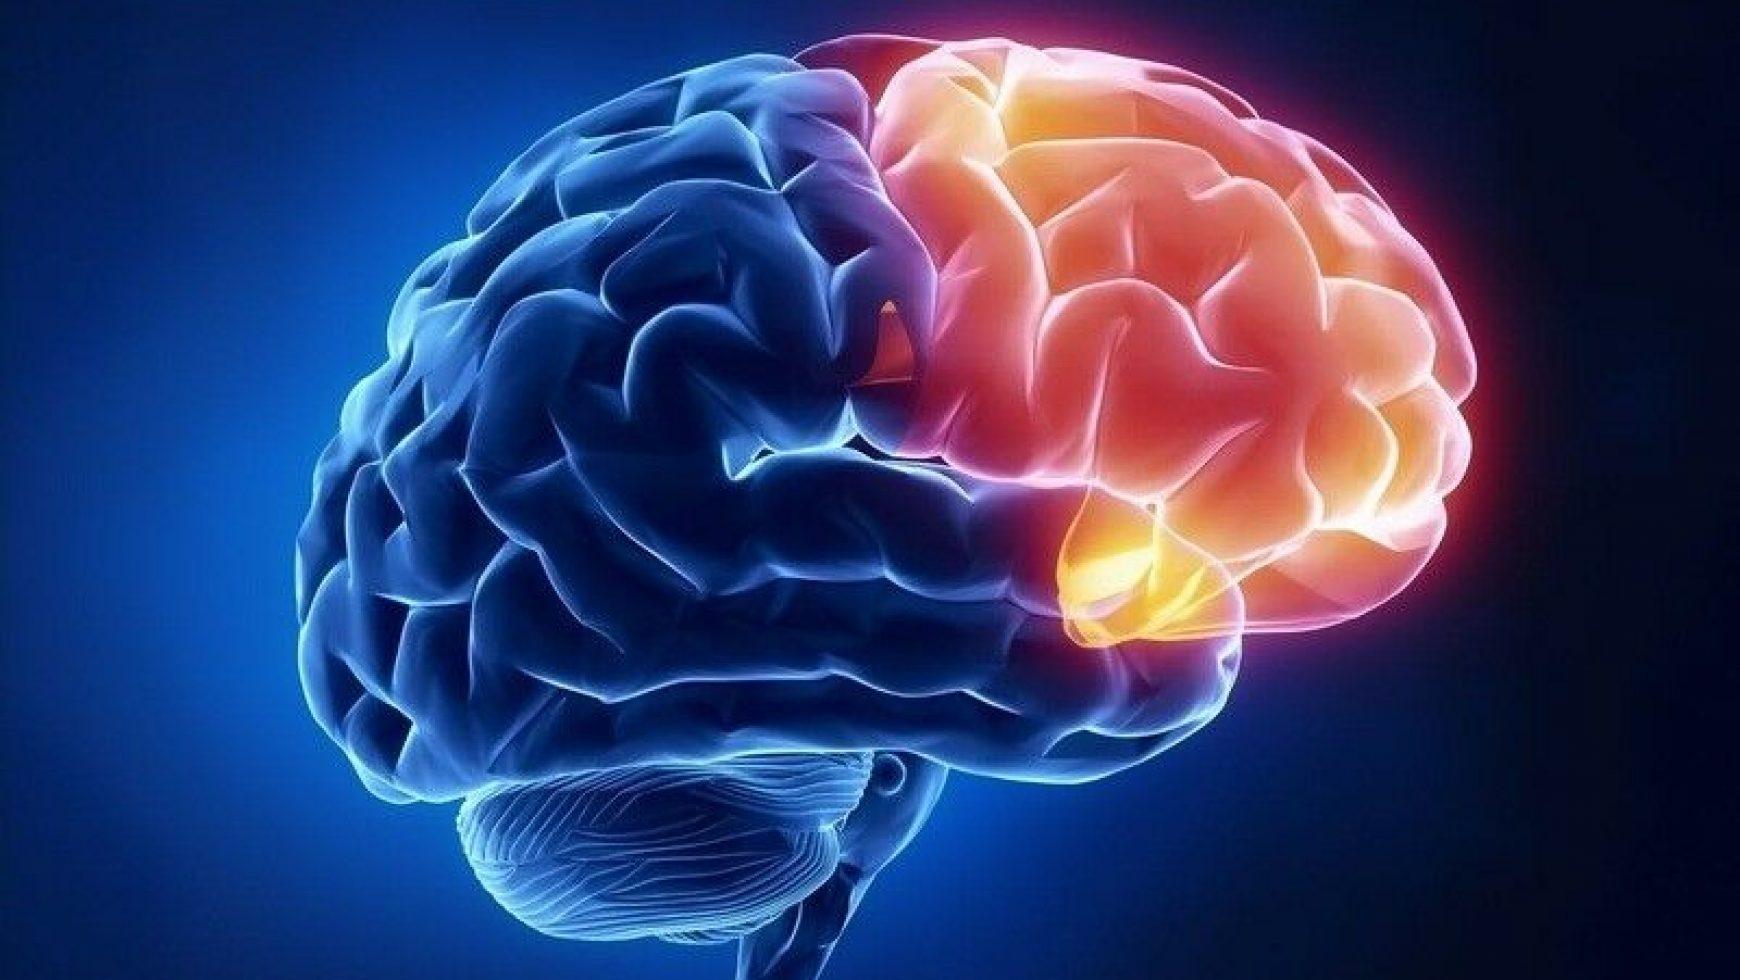 8 Plante care susțin o minte clară și funcțiile cognitive